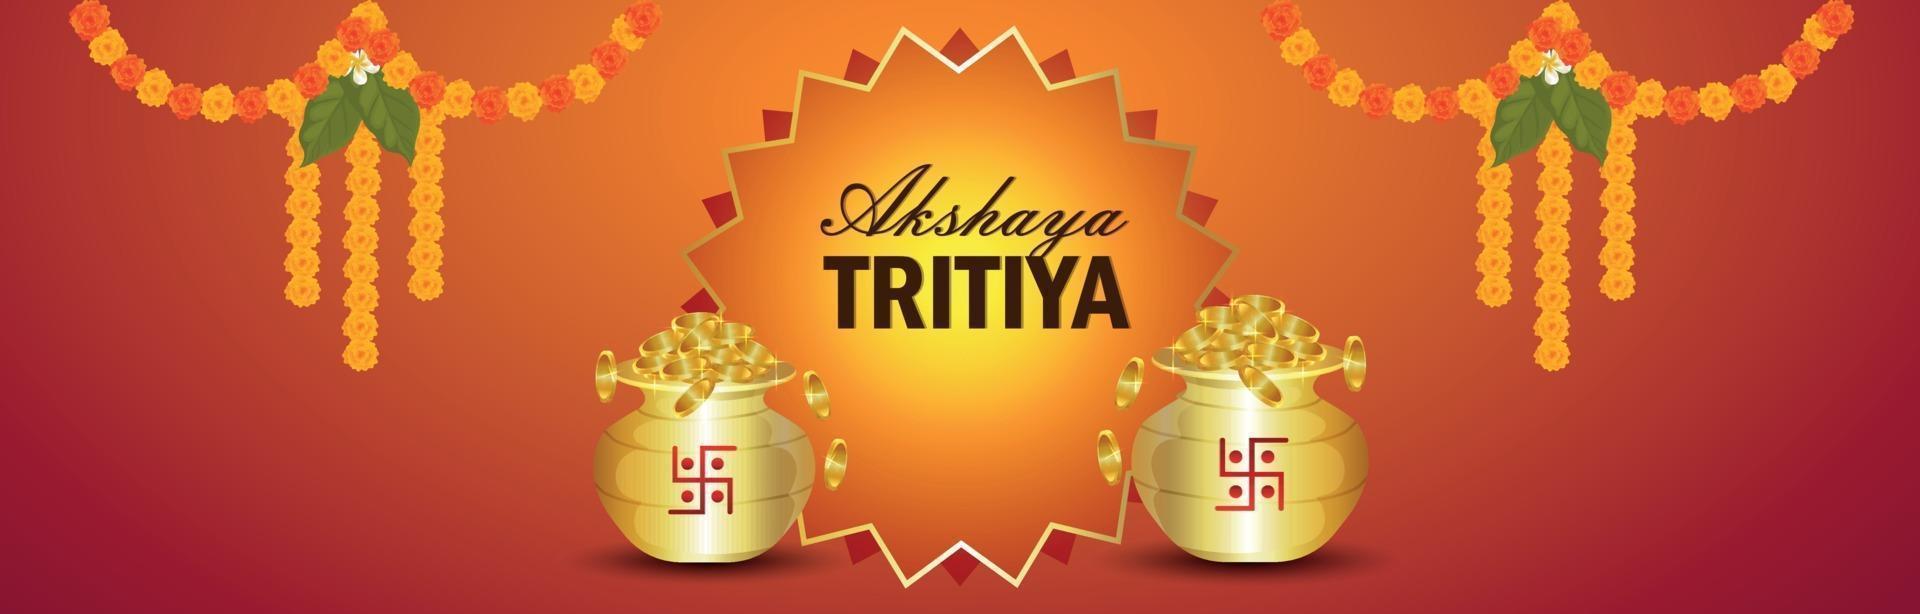 banner di vendita di gioielli celebrazione akshaya tritiya con monete d'oro creative vettore